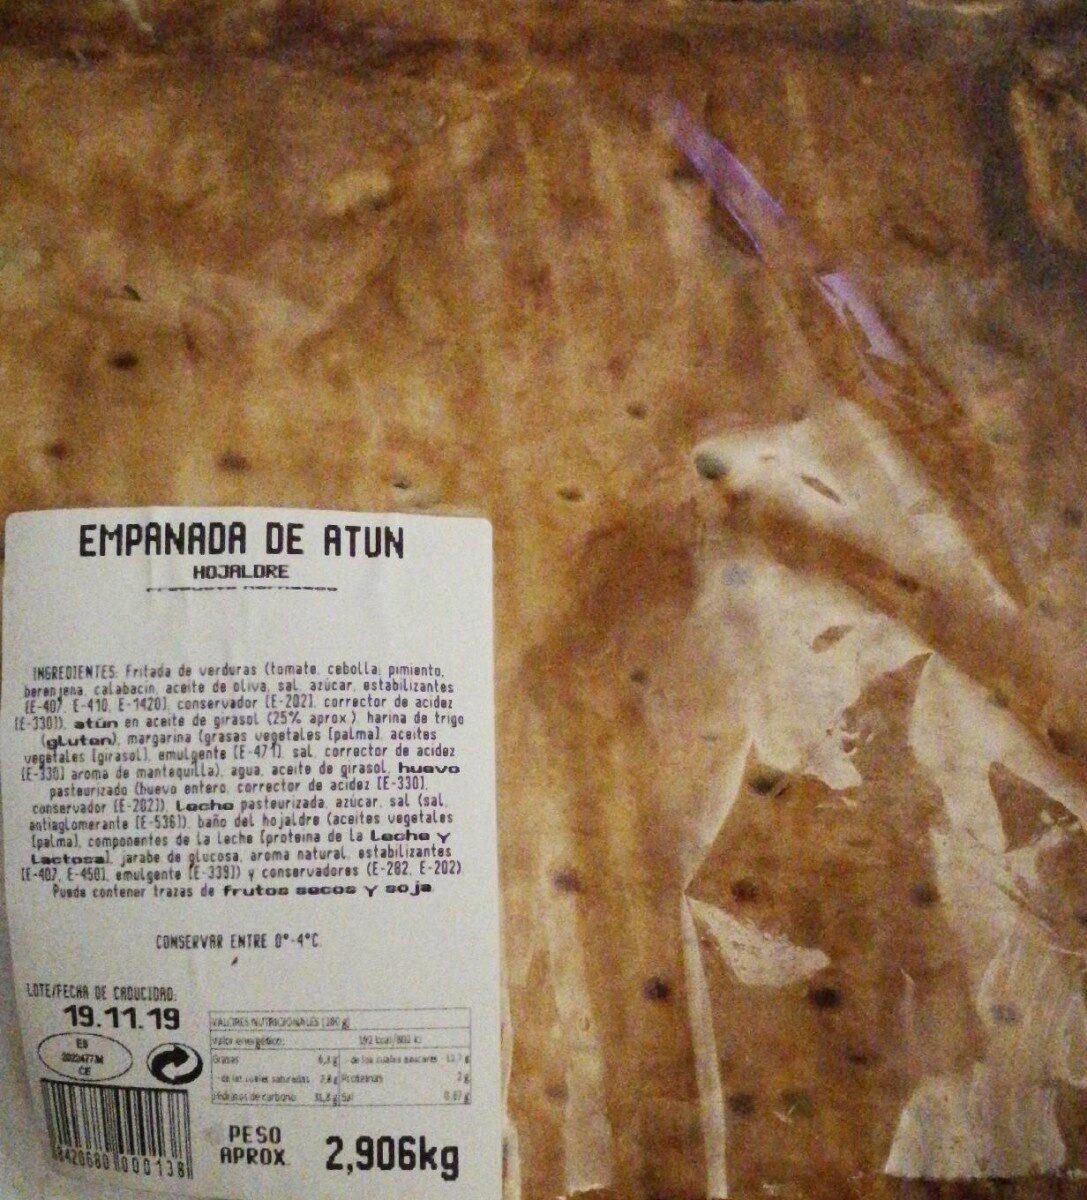 Empanada de atún - Product - es